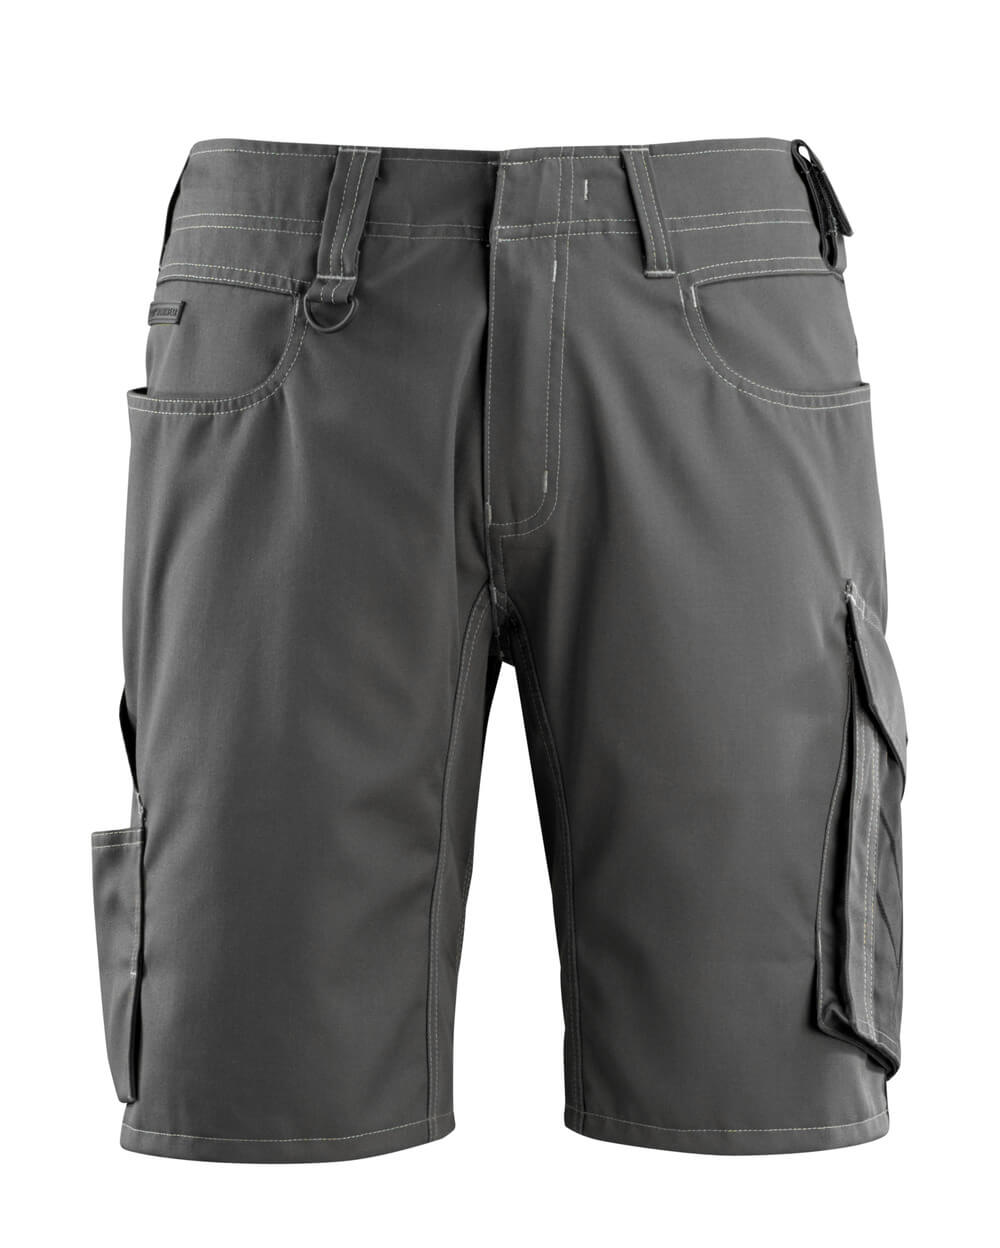 12049-442-1809 Shorts - dark anthracite/black